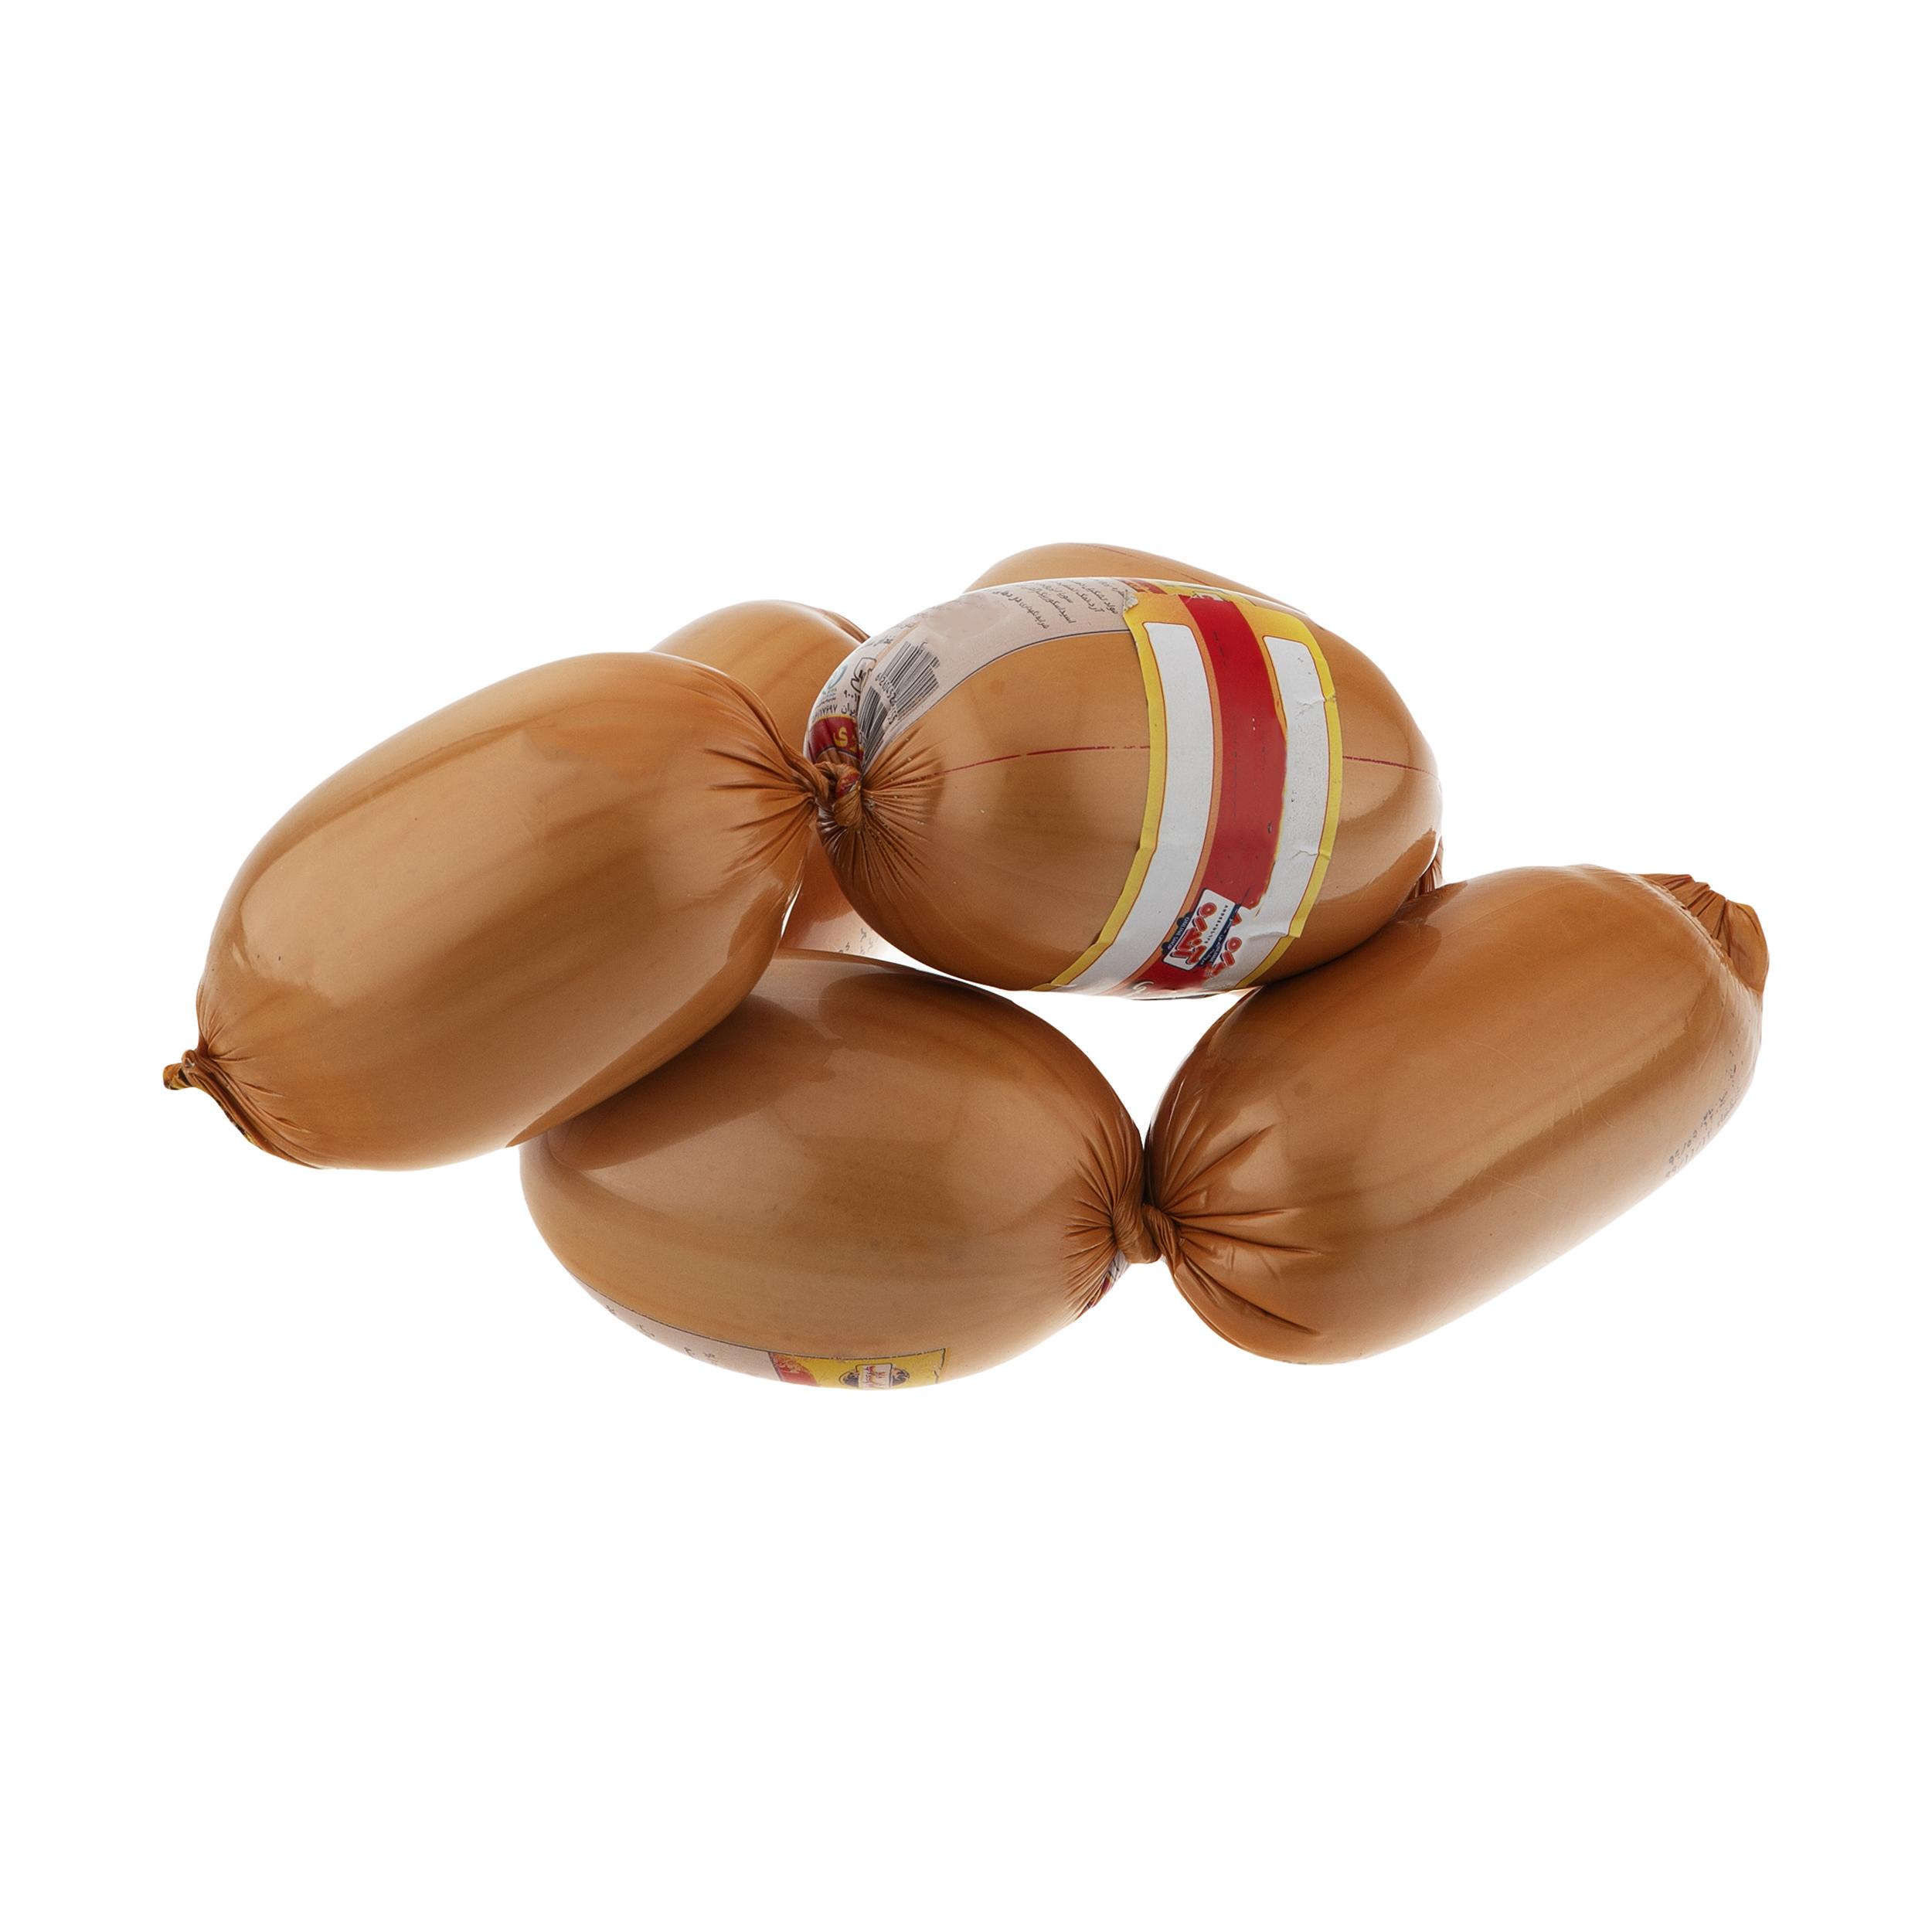 سوسیس بلغاری  55 درصد گوشت قرمز آندره - 1 کیلوگرم